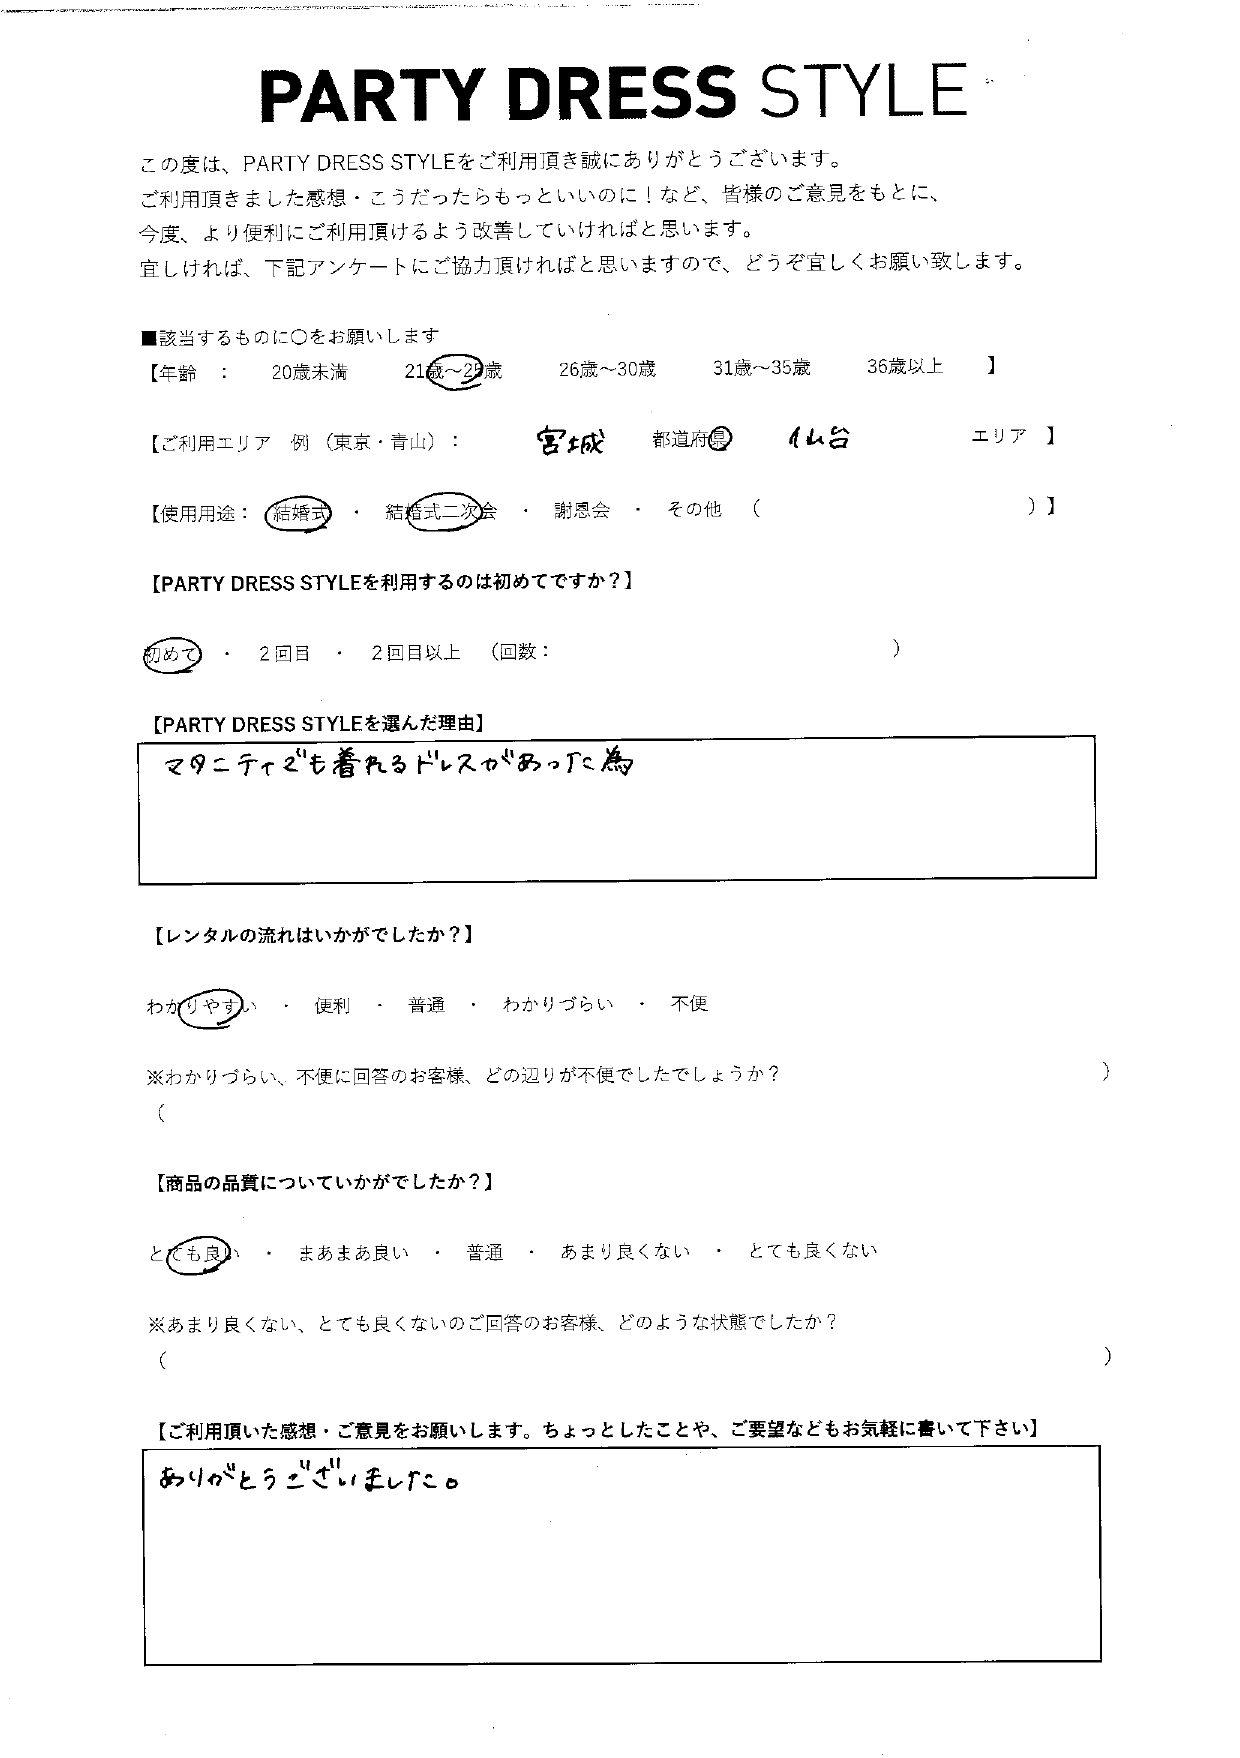 6/4結婚式・結婚式二次会ご利用 宮城・仙台エリア